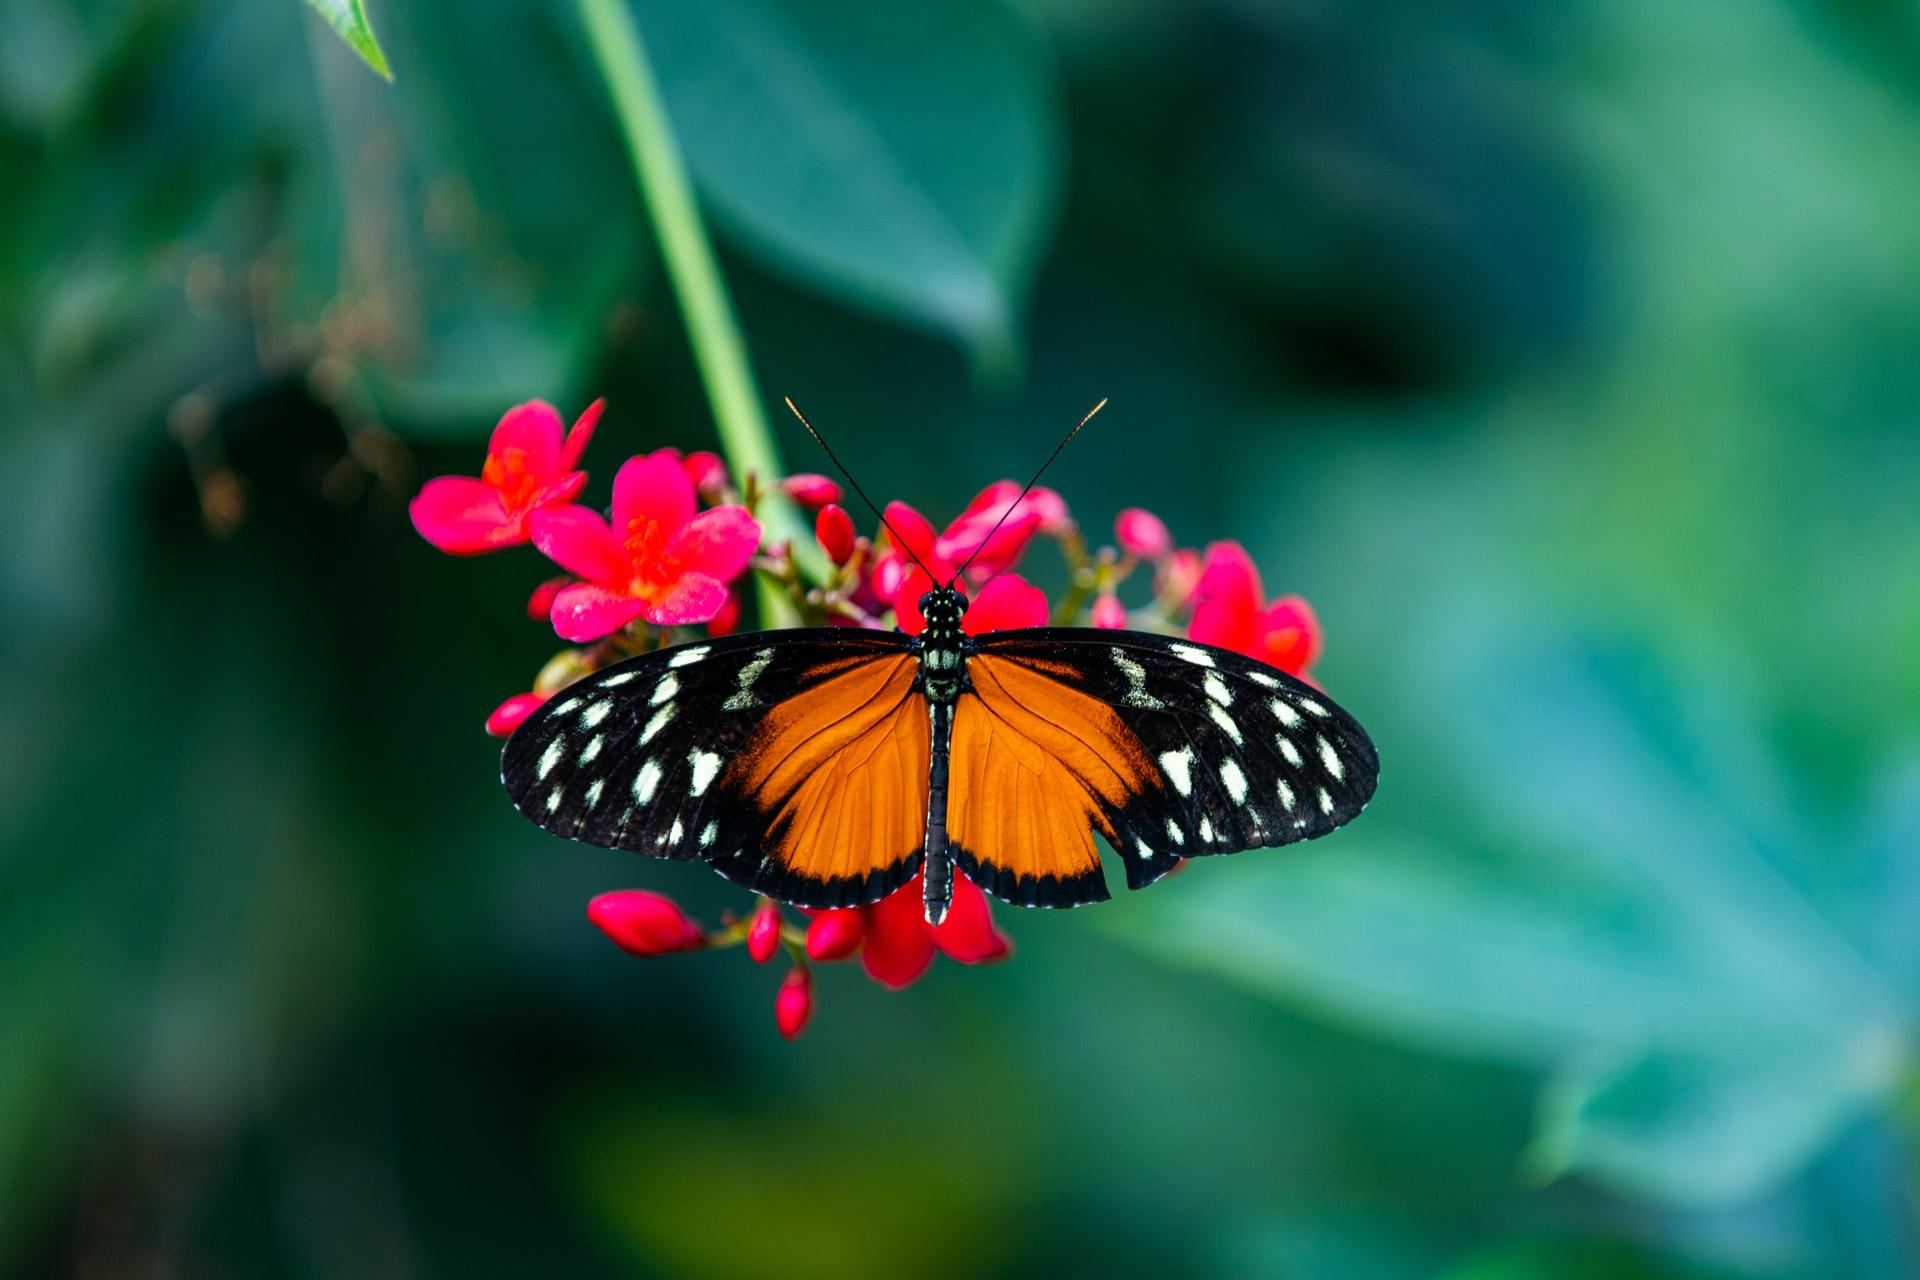 mariposa posando en una flor